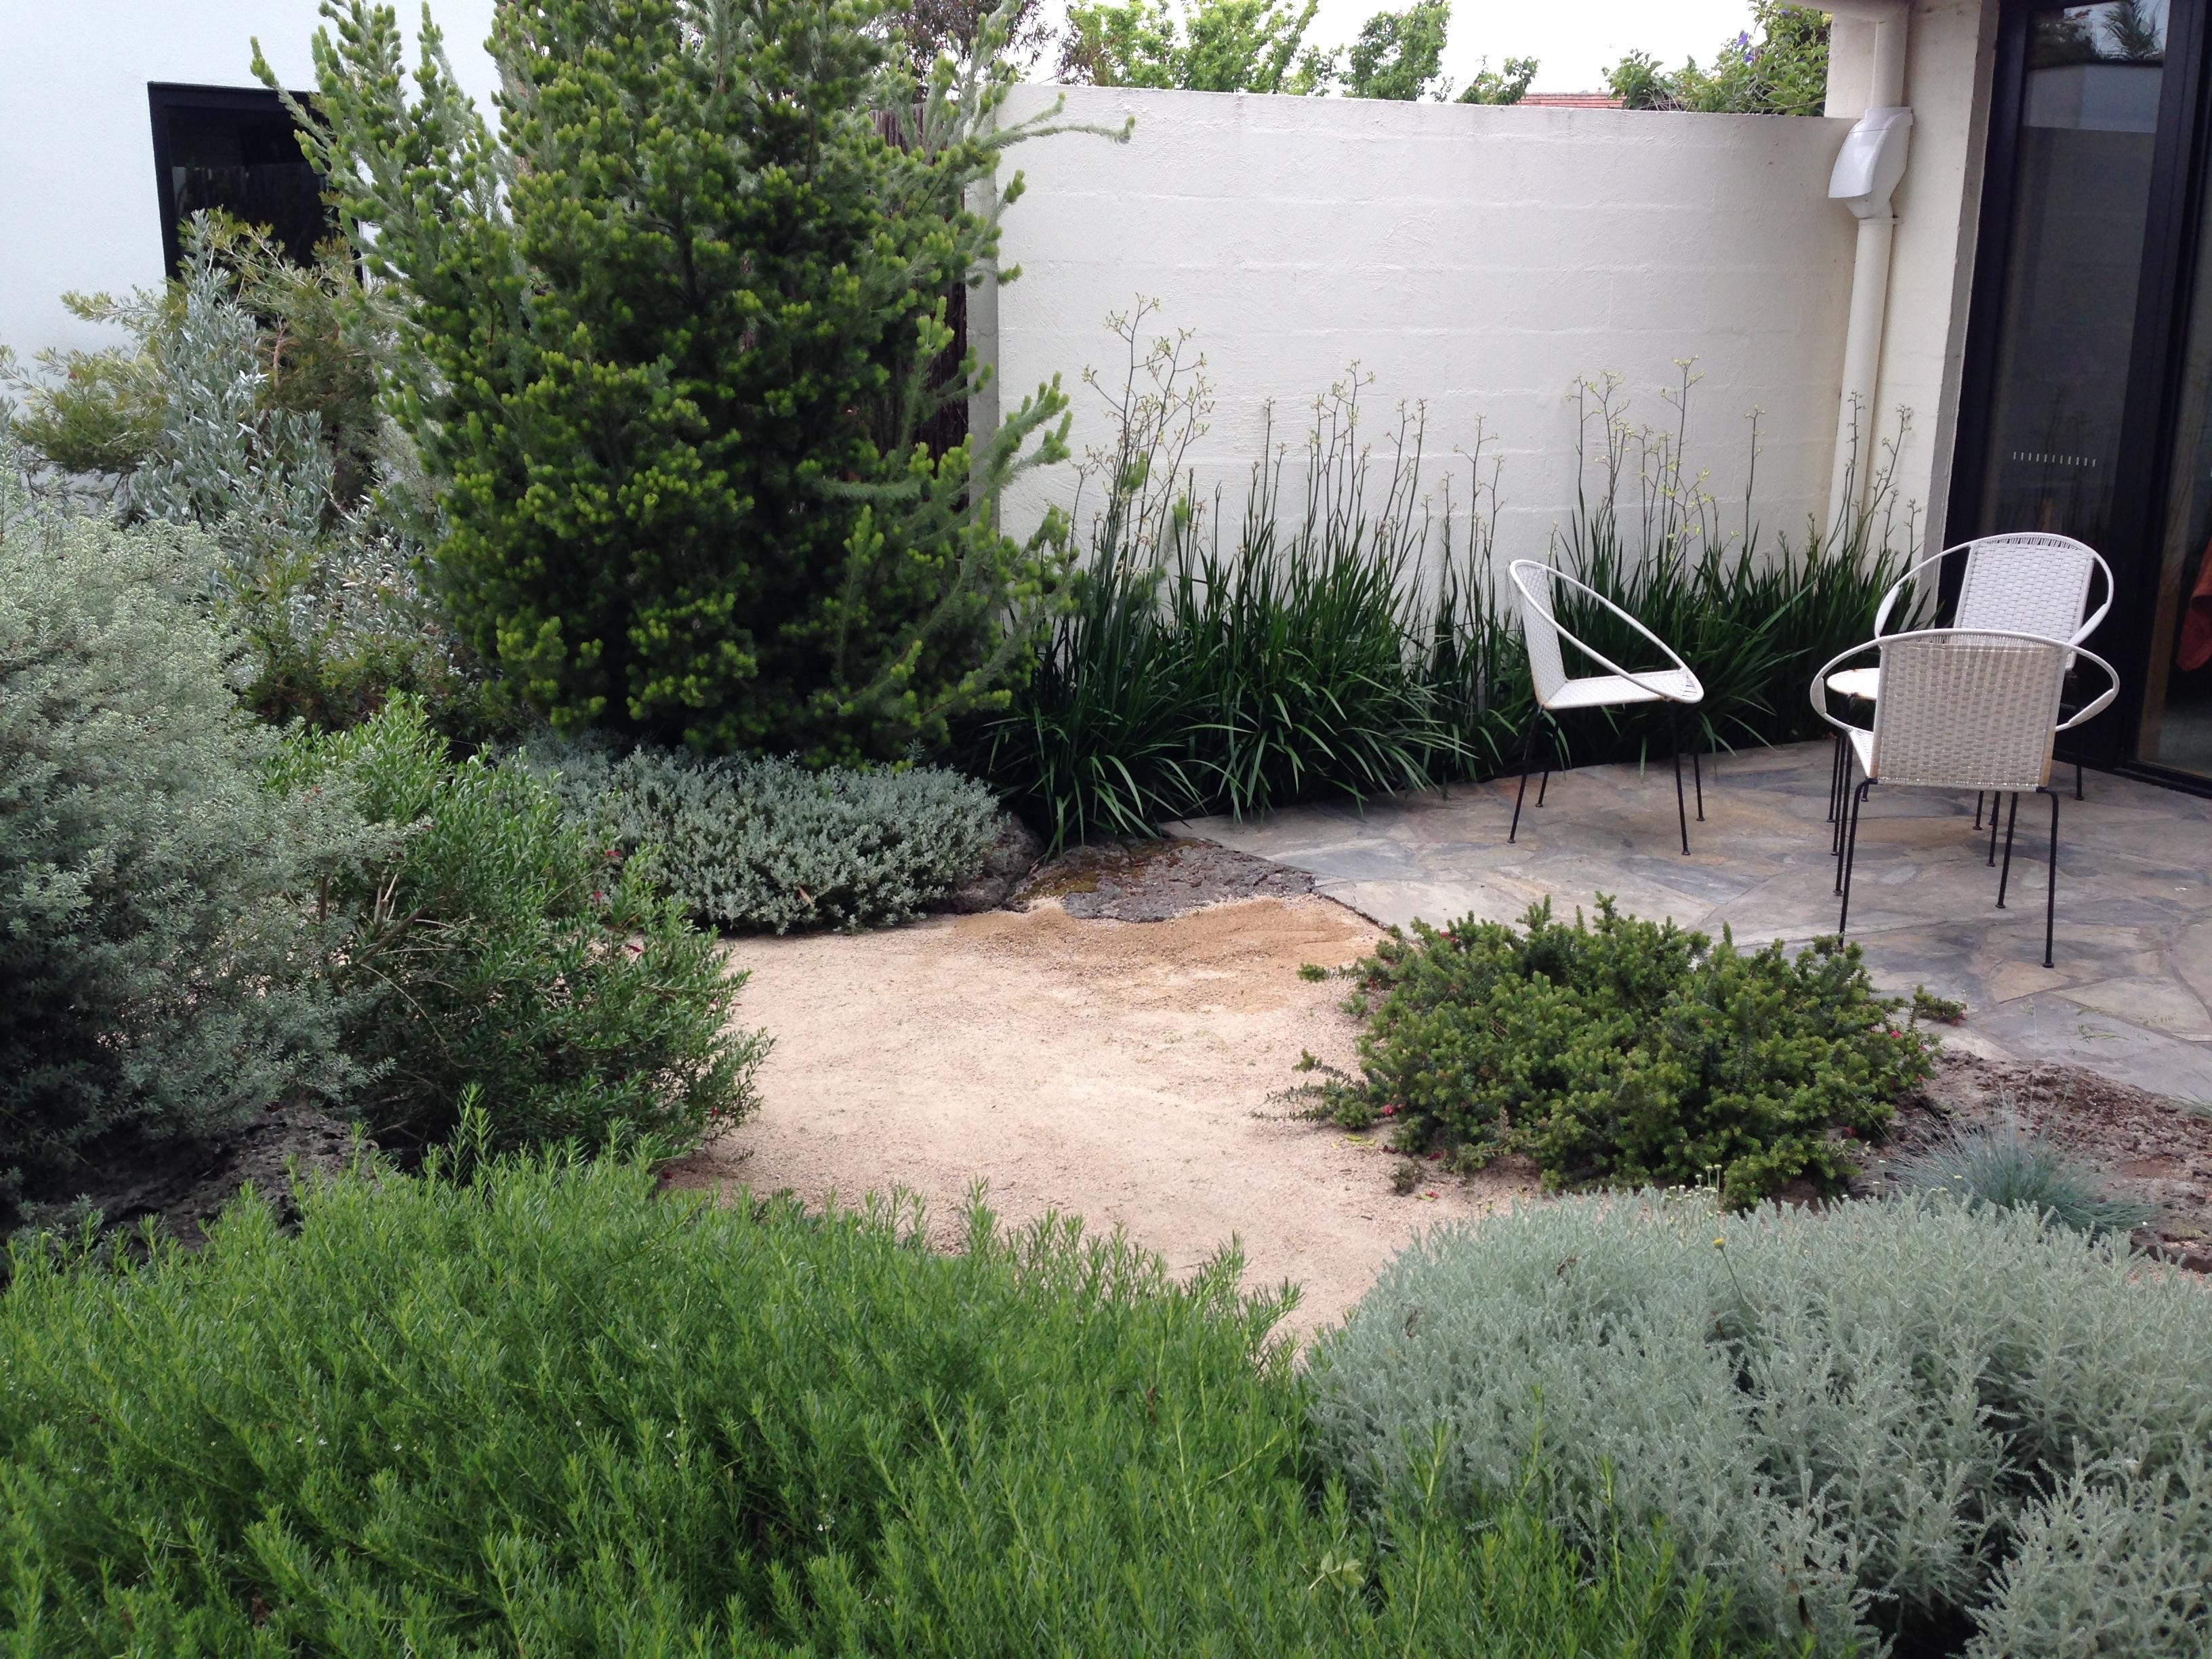 Garden design fest melbourne 2014 janna schreier for Garden designs australia